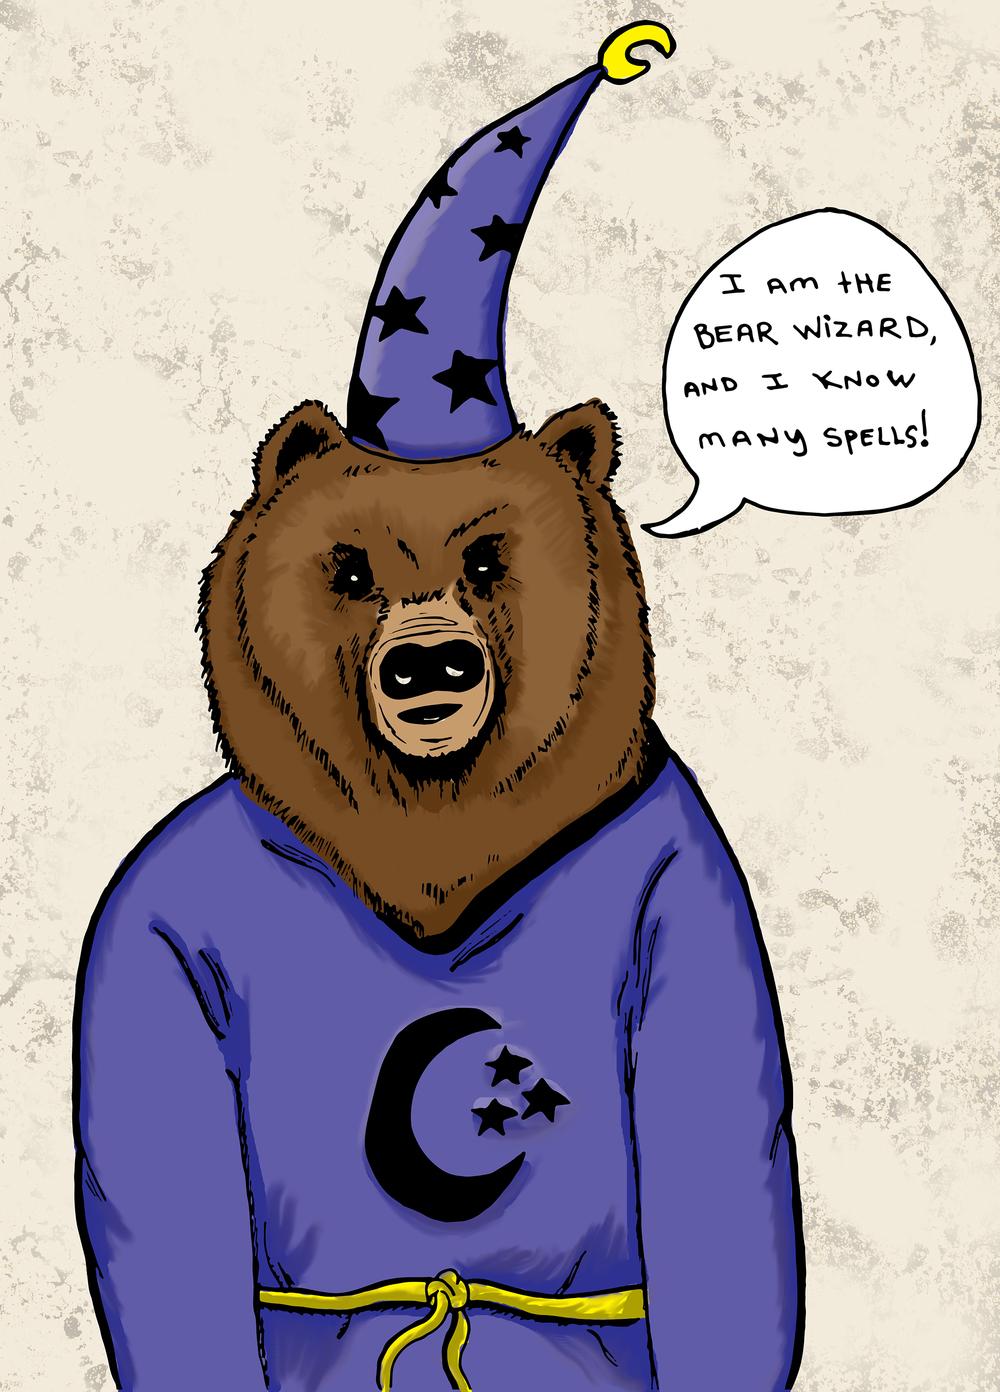 Wizard_Bear-web.jpg